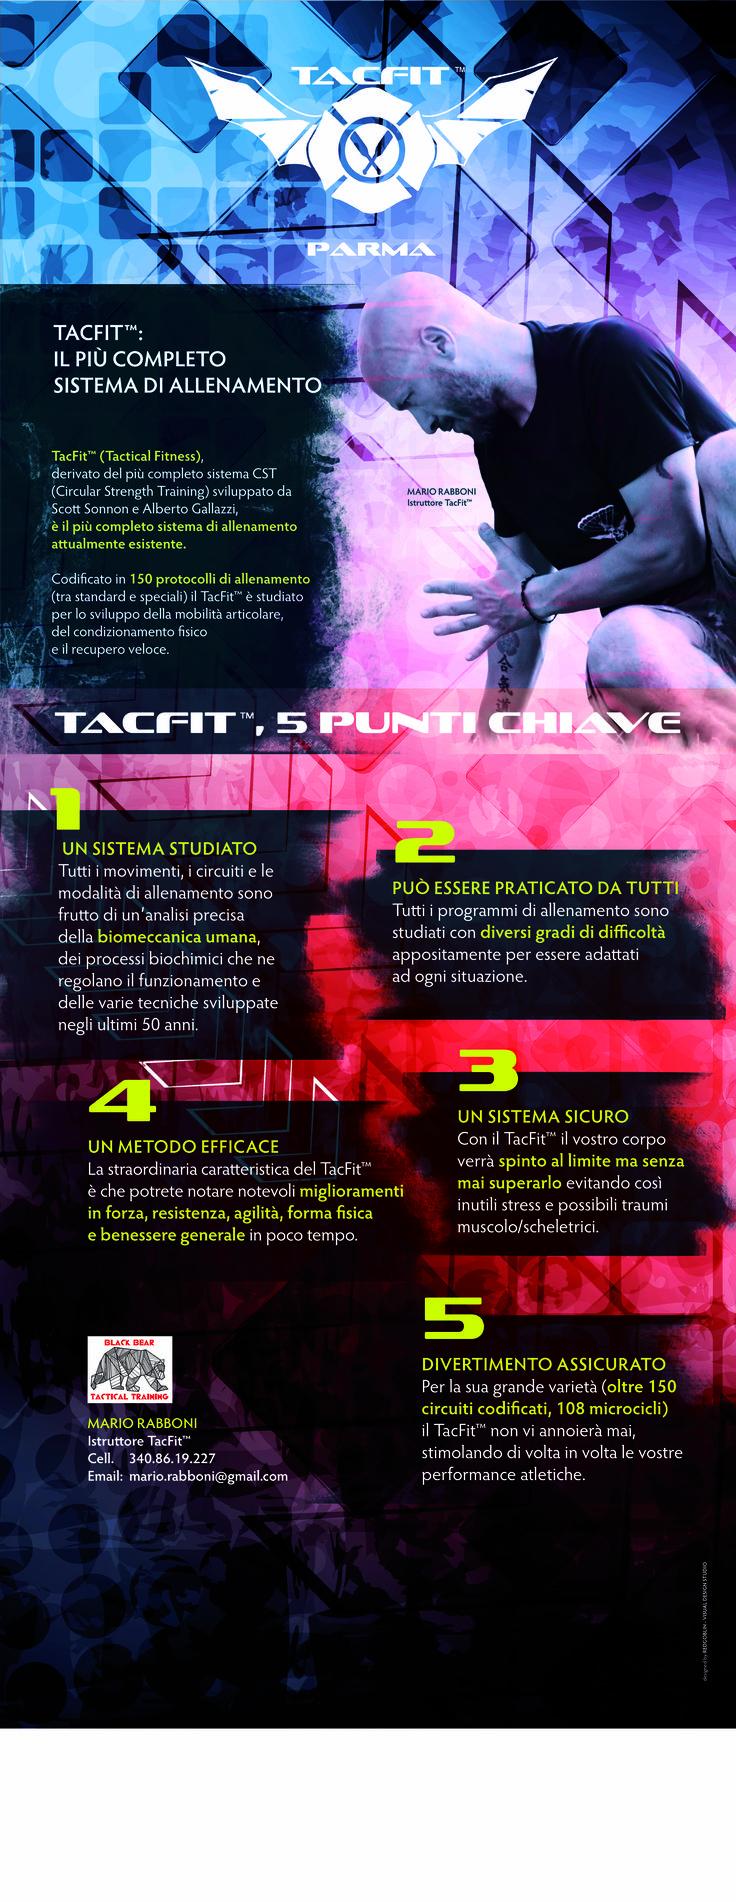 #Tacfit #Parma #Tacticalfitness